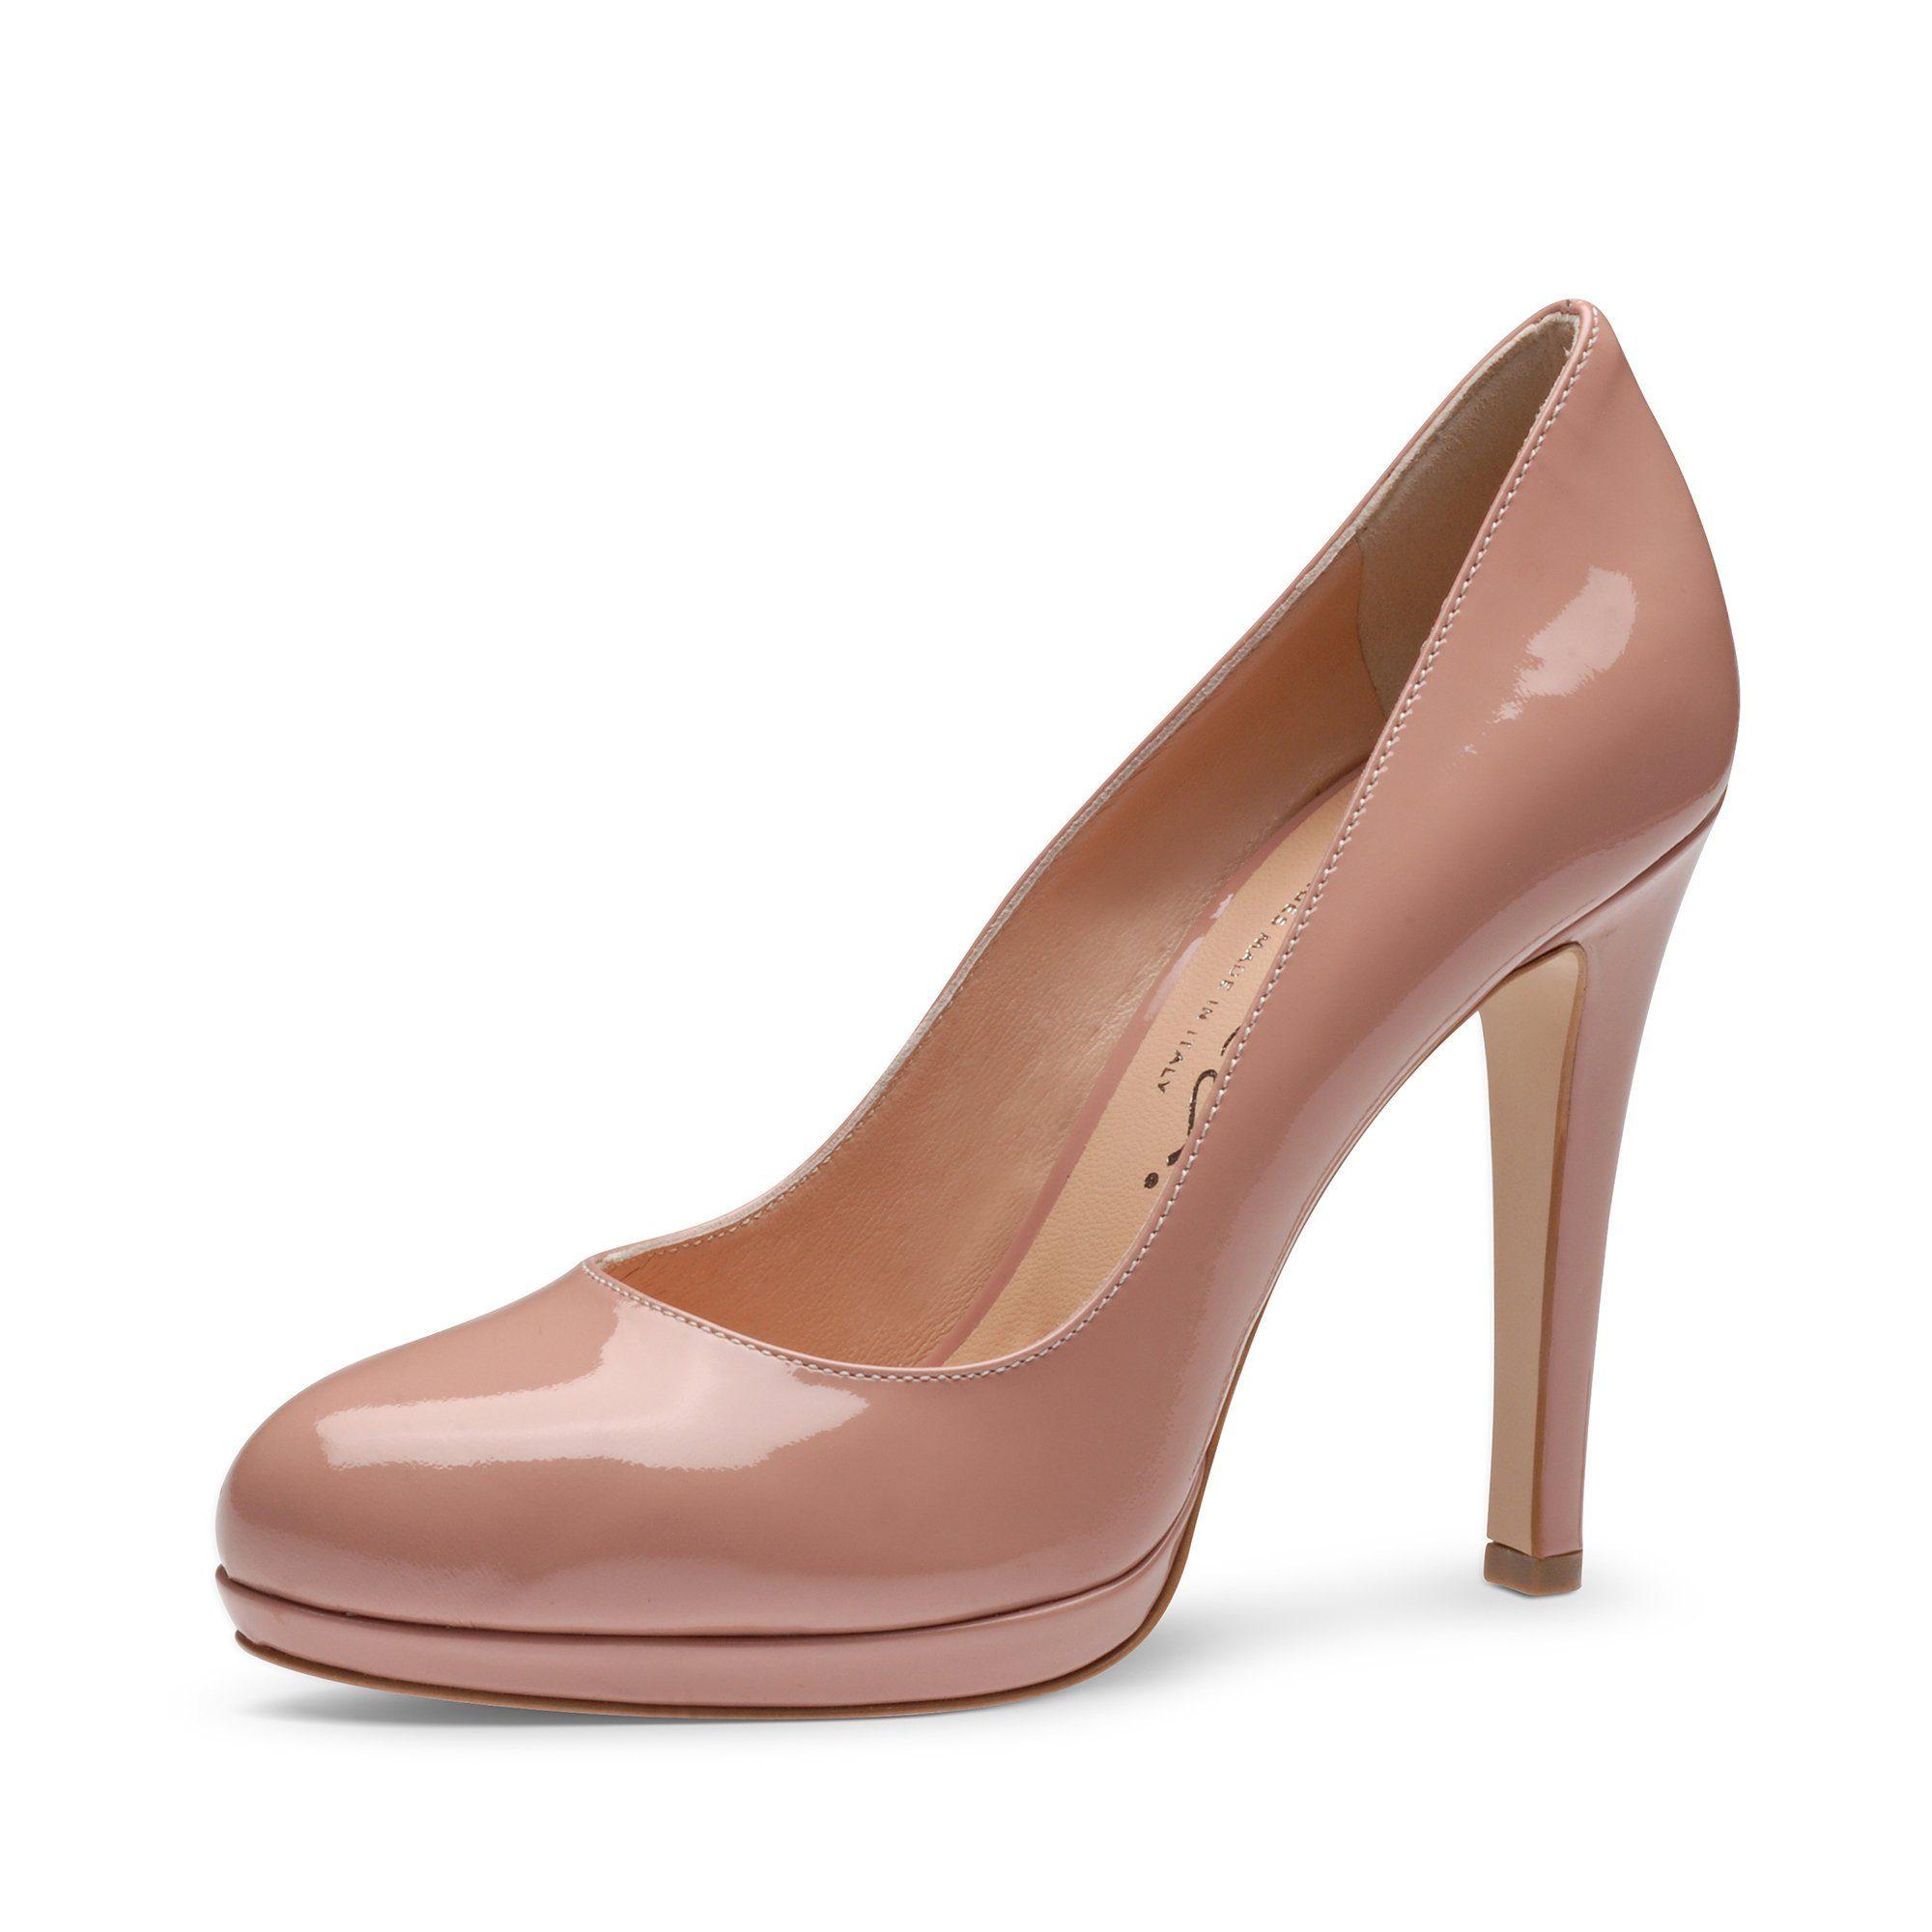 Evita CRISTINA Pumps online kaufen  rosa